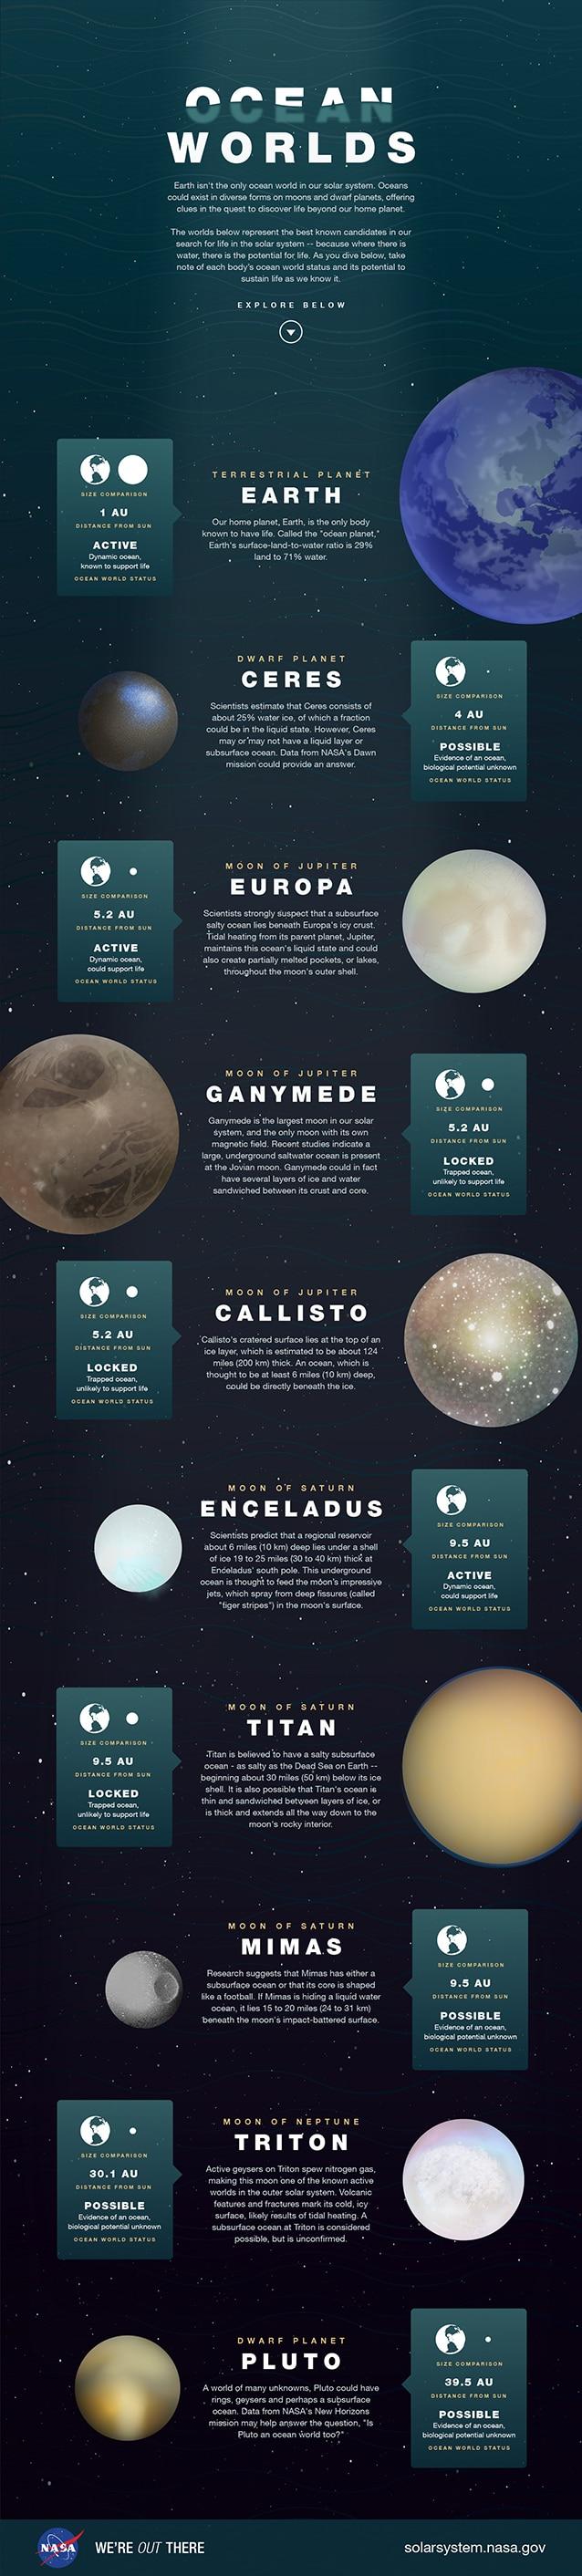 L'acqua non è affatto una prerogativa esclusiva della Terra (Image Credit: NASA/JPL–Caltech)